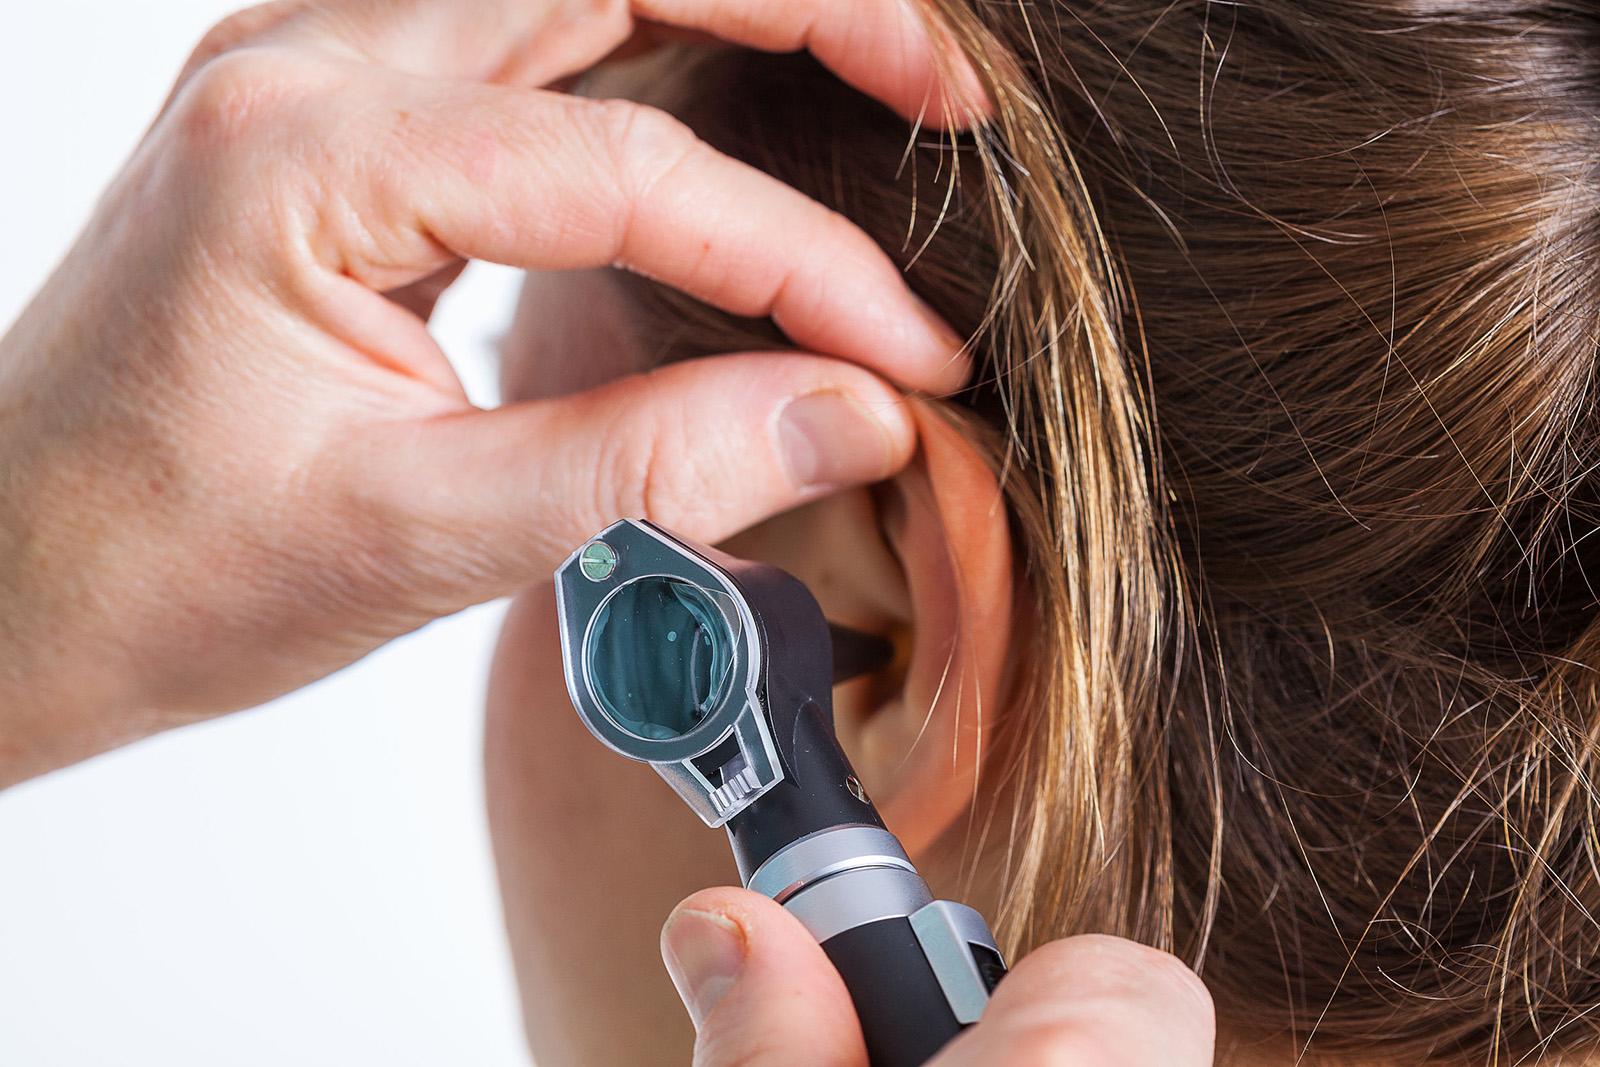 lehet-e gyógyítani a fej és a fül pikkelysömörét otthon pikkelysömör gyógyítható